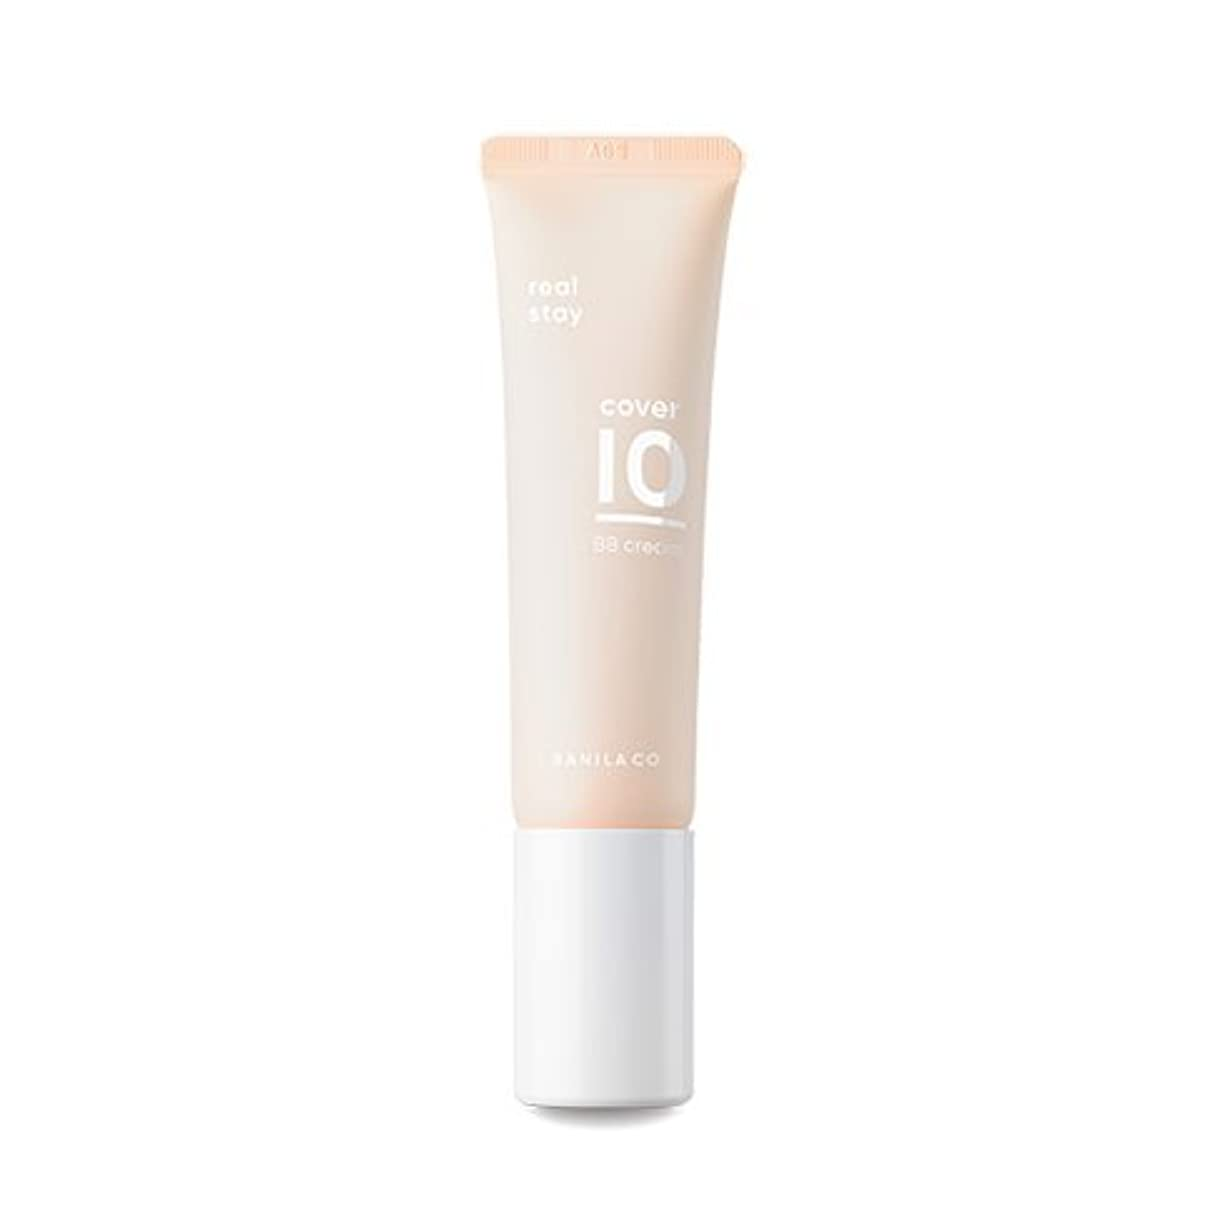 二度ルーフ最小[Renewal] BANILA CO Cover 10 Real Stay BB Cream 30ml/バニラコ カバー 10 リアル ステイ BBクリーム 30ml (#Natural Beige) [並行輸入品]